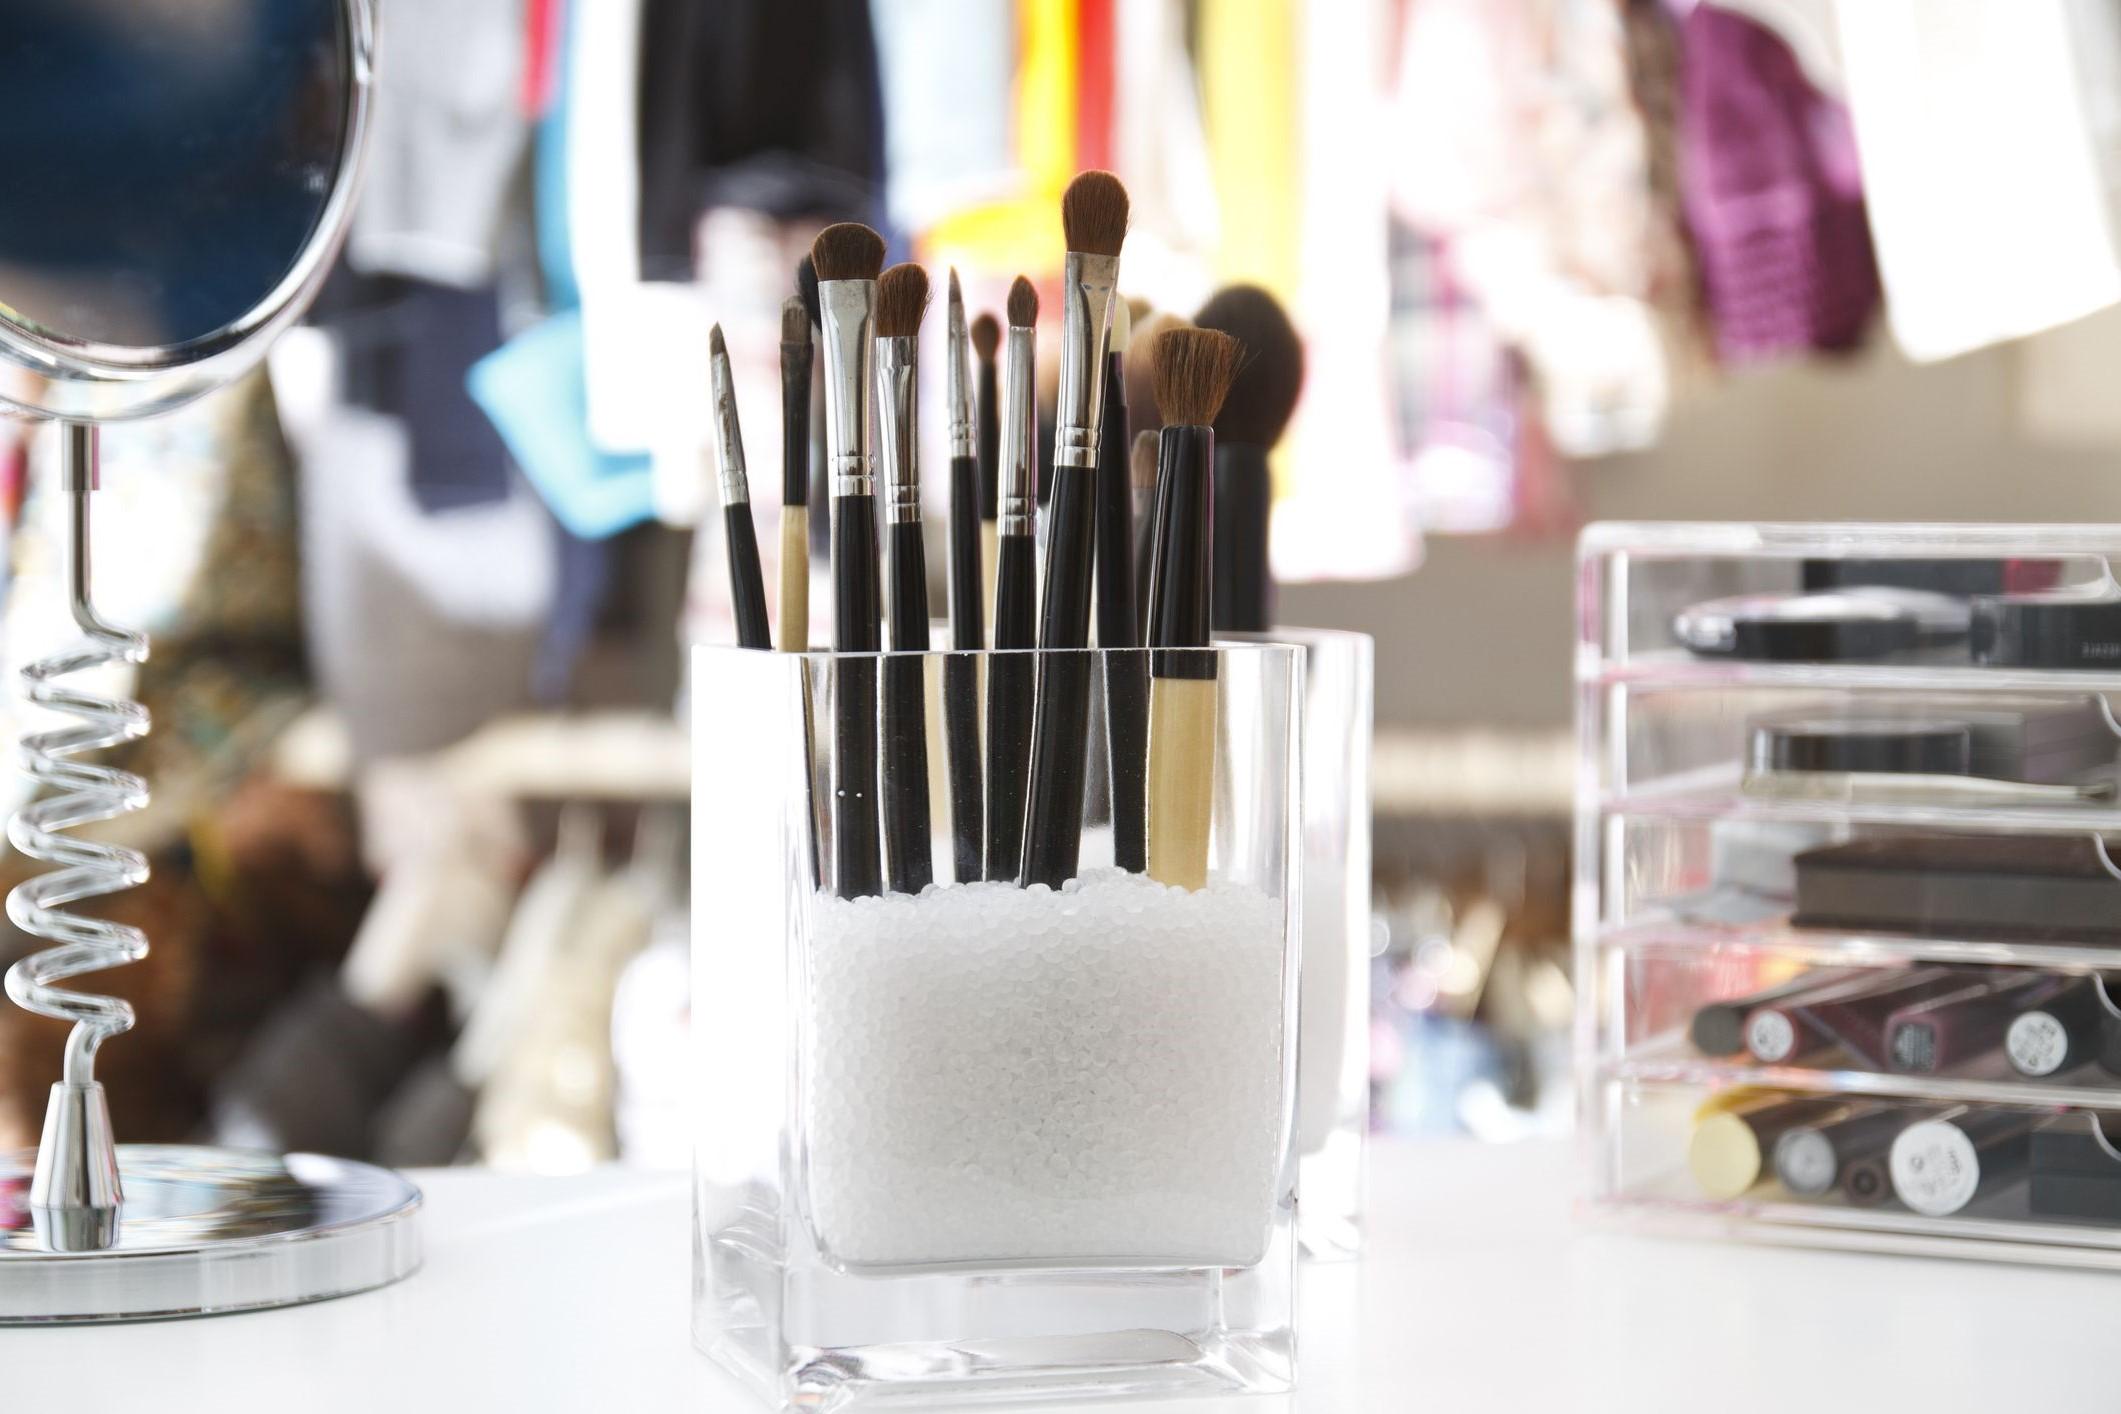 Pour mettre en ordre vos pinceaux de maquillage, utilisez une bocal et des grains de sable ou de café pour la décoration.